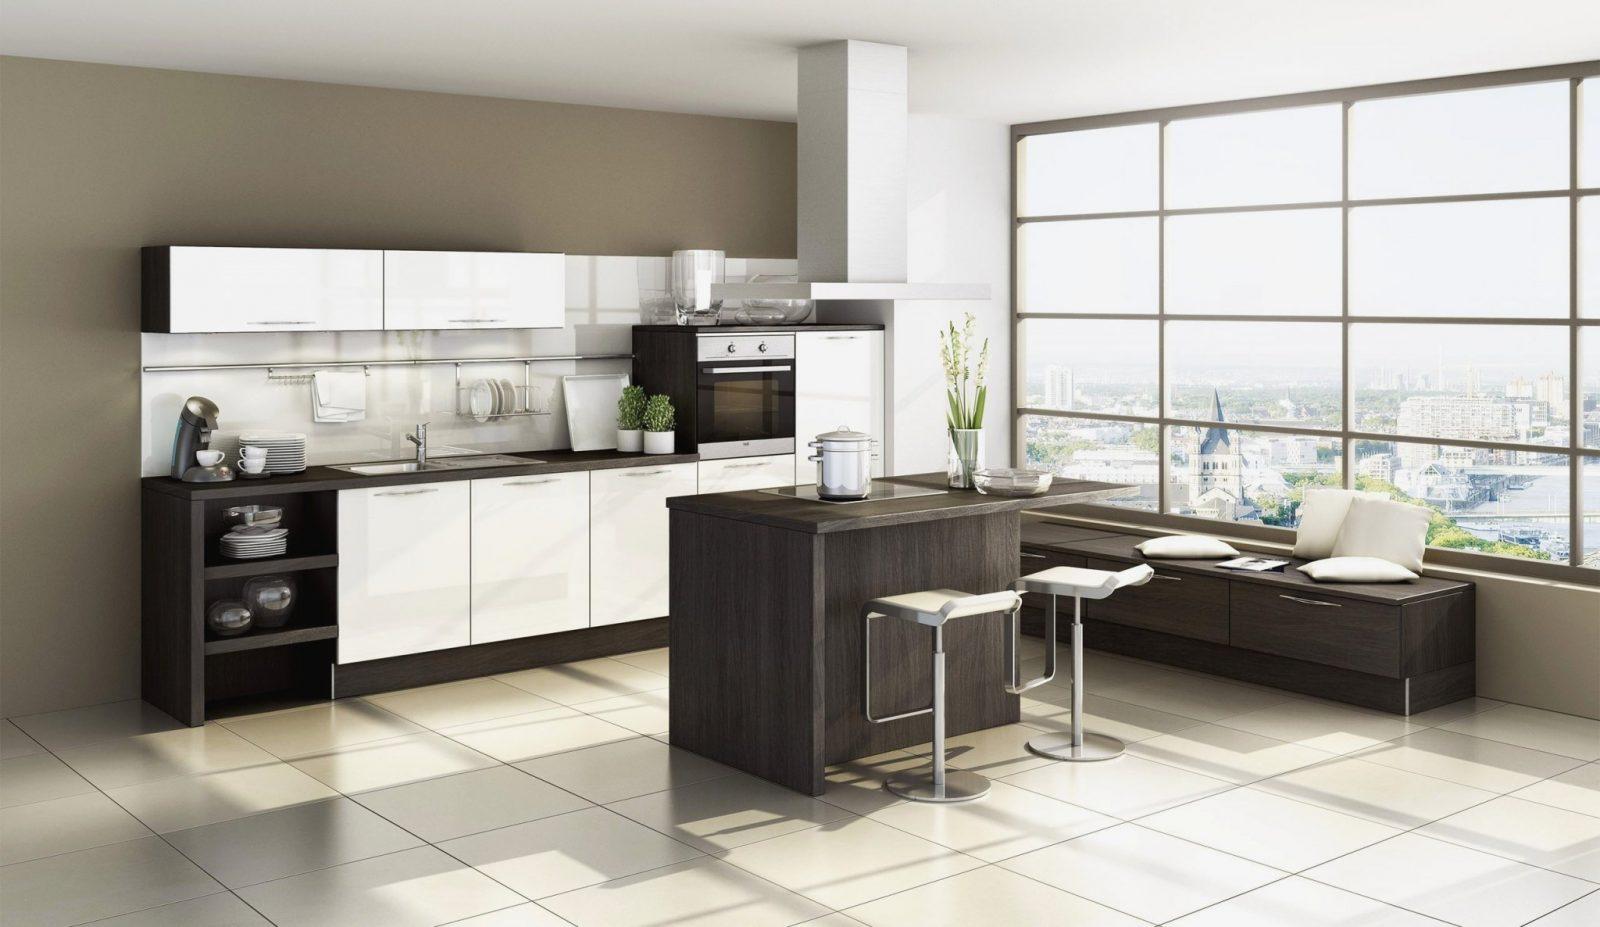 27 Ikea Faktum Küche Galerie  Küchendesignideen von Ikea Küche Faktum Landhaus Photo